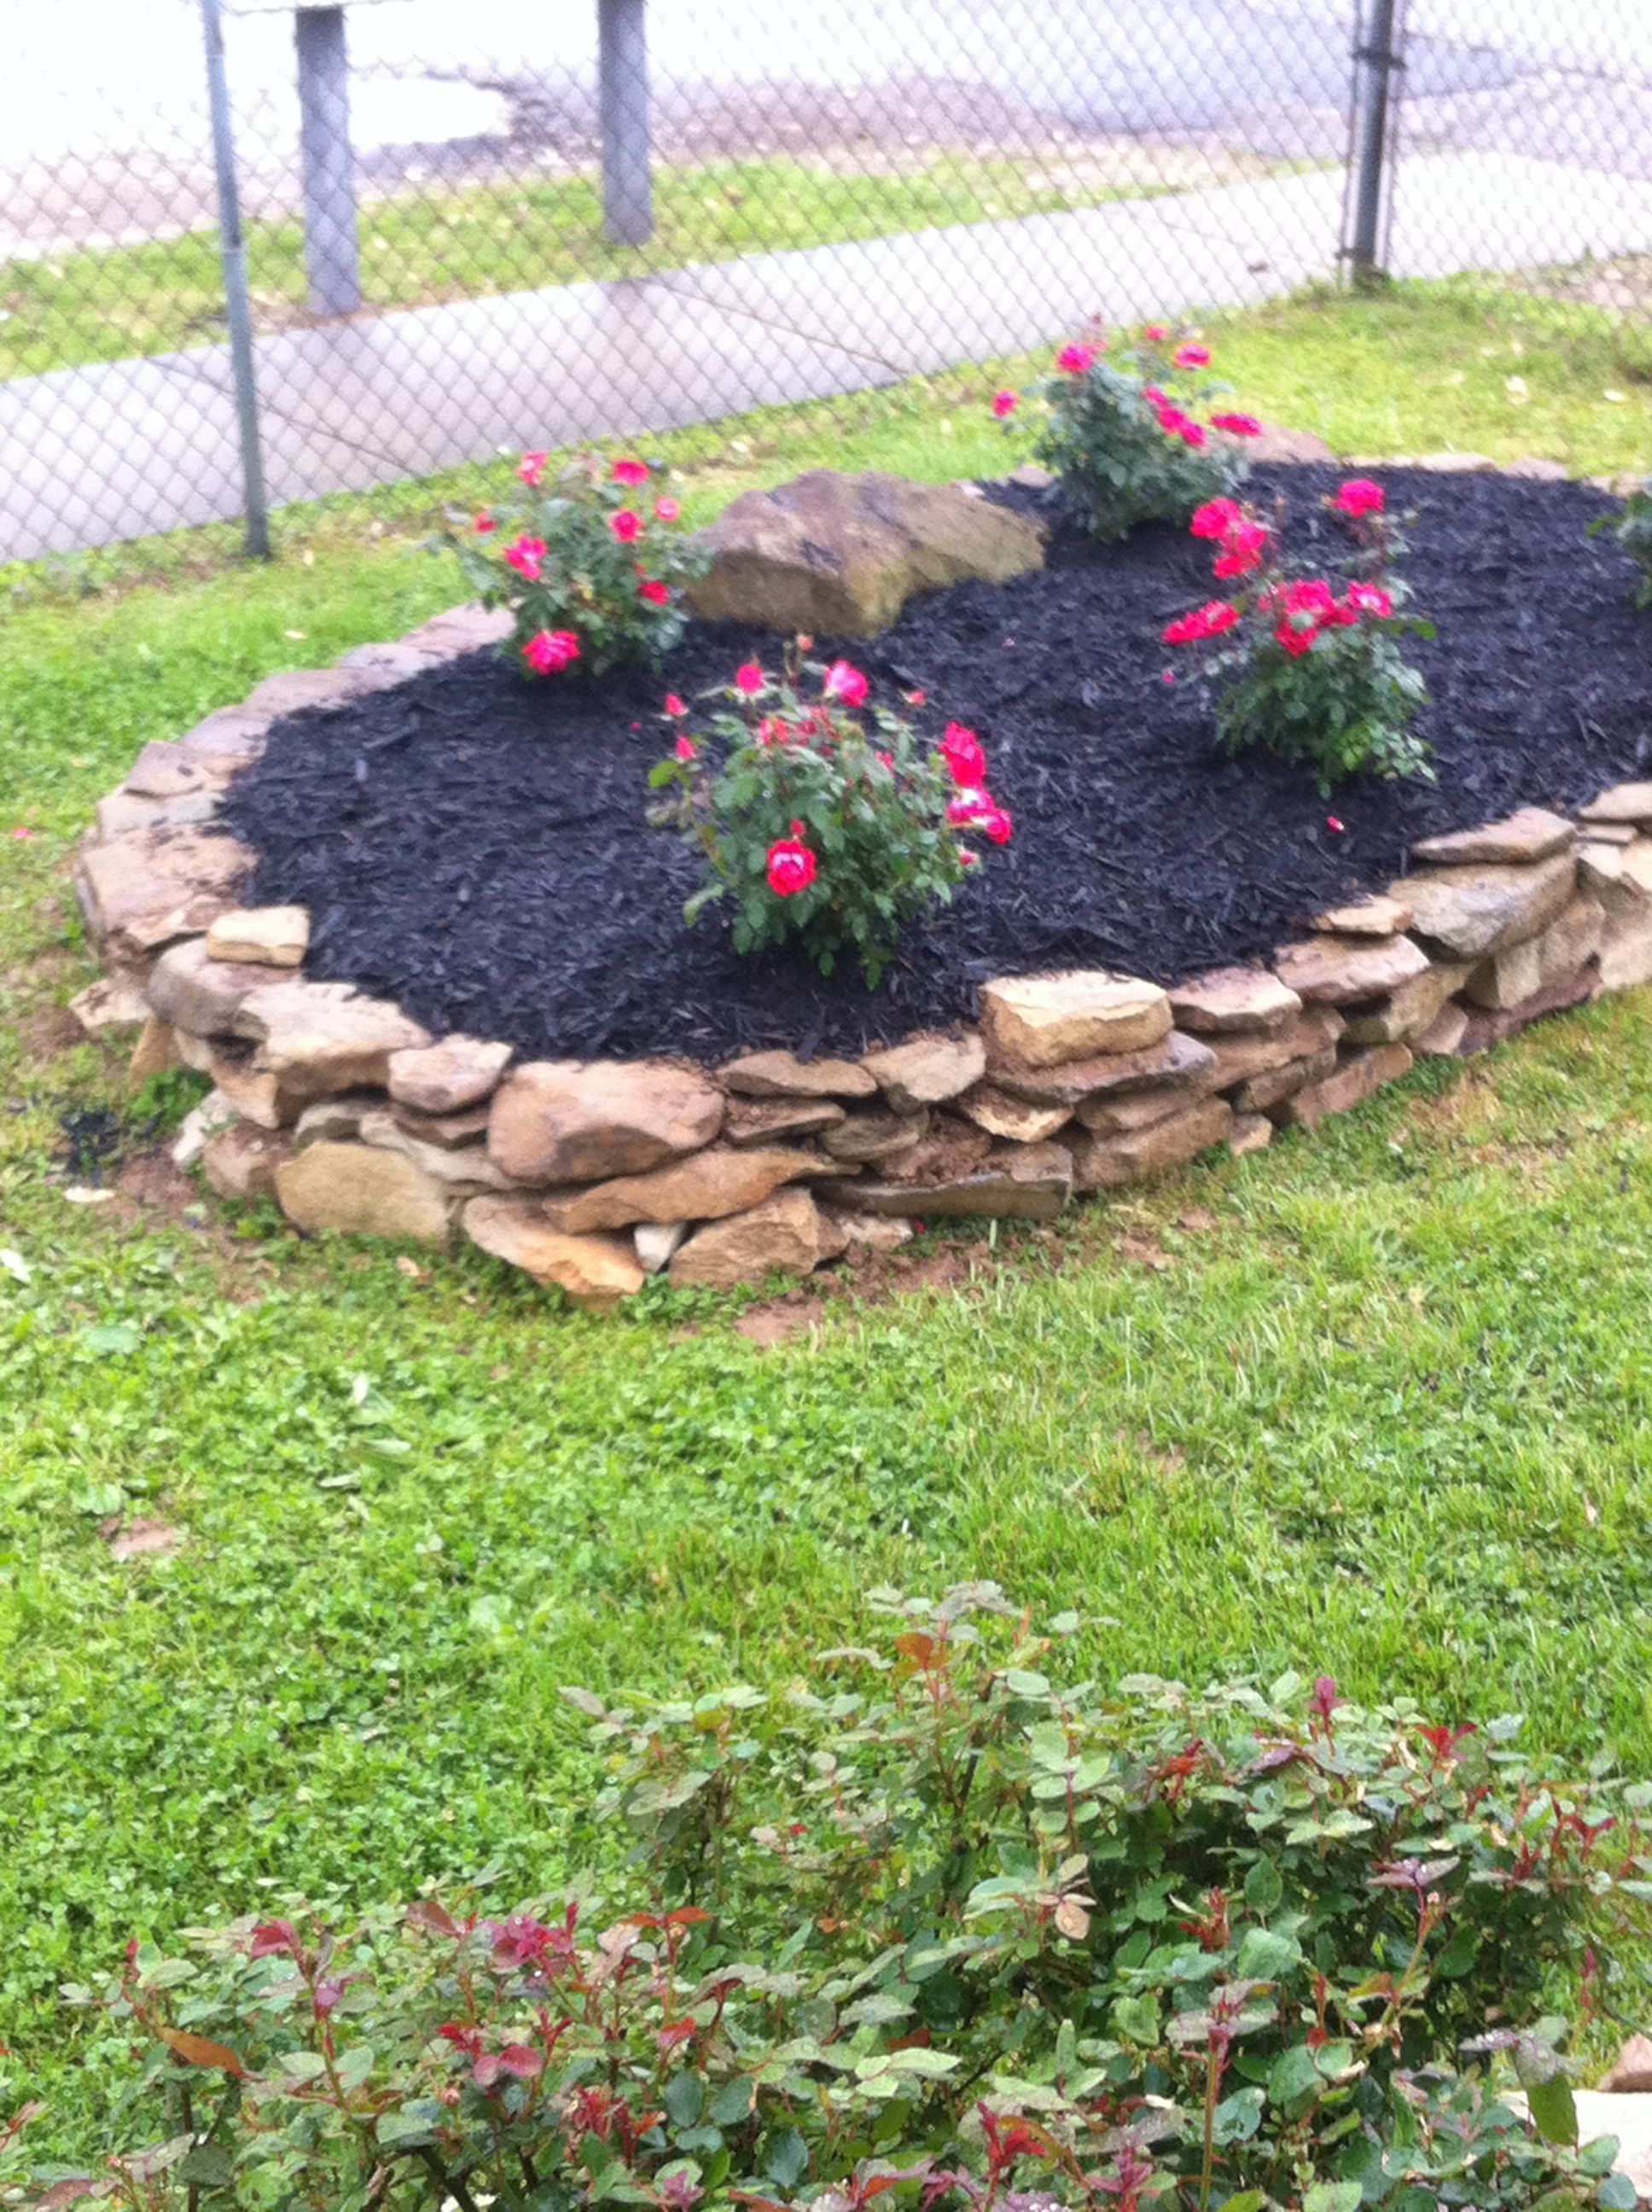 creek rock flower bed flower bed garden natural landscaping front yard landscaping. Black Bedroom Furniture Sets. Home Design Ideas